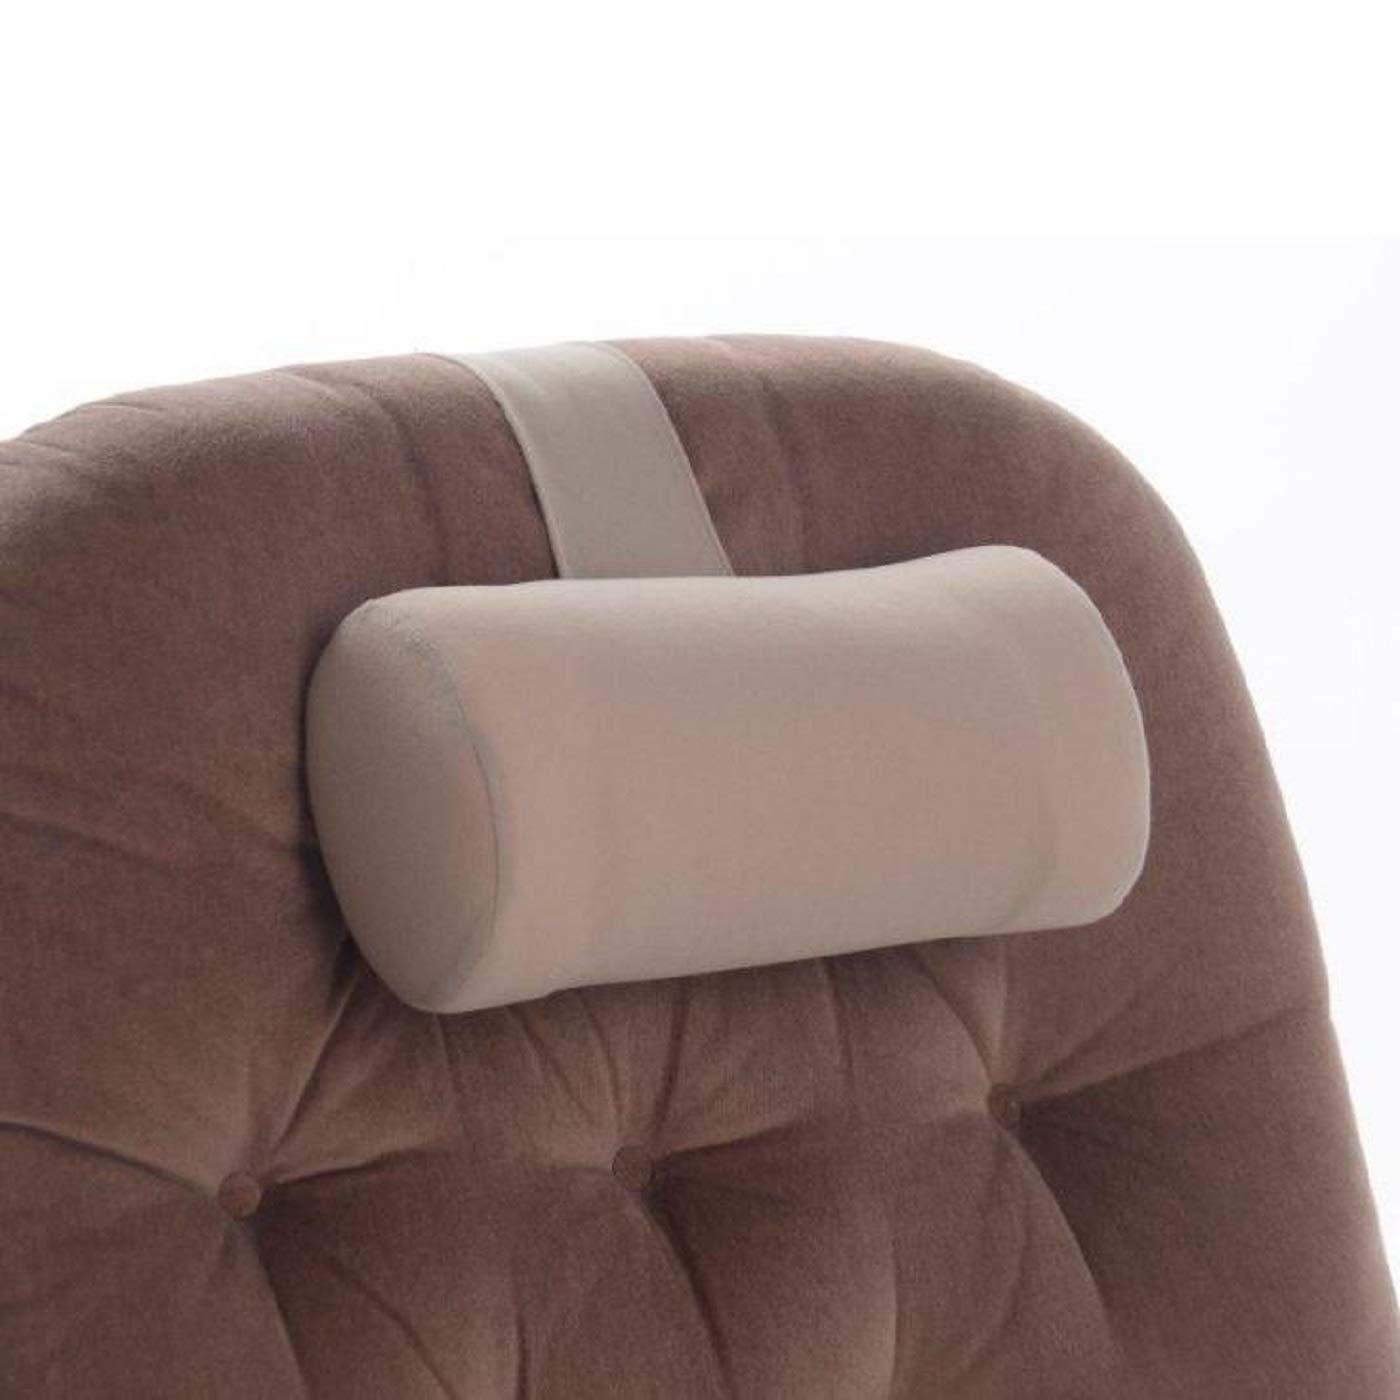 Putnams Nackenkissen für Fauteil oder Auto – Halterung für Hals und Kopf, leicht verstellbar Putnams Health Co Ltd